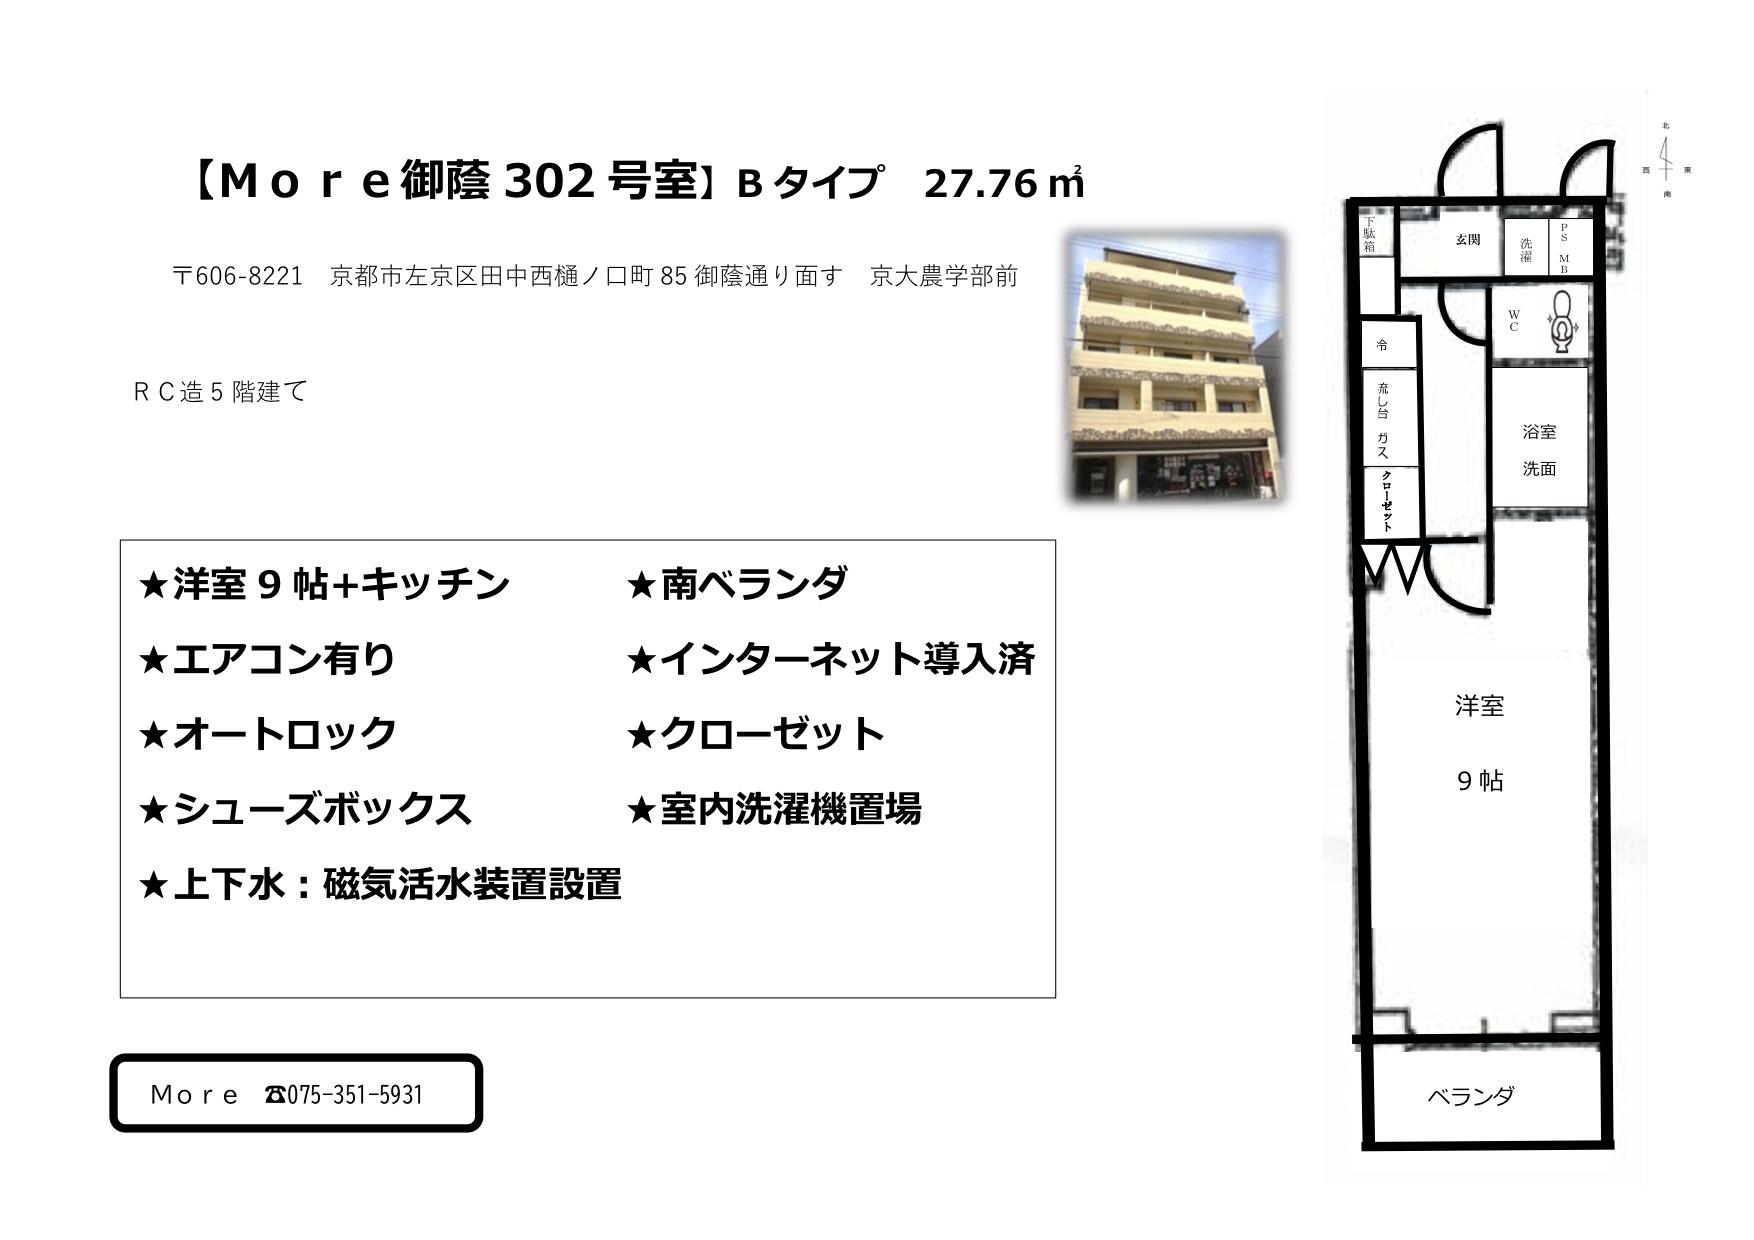 御蔭302図面 (1)